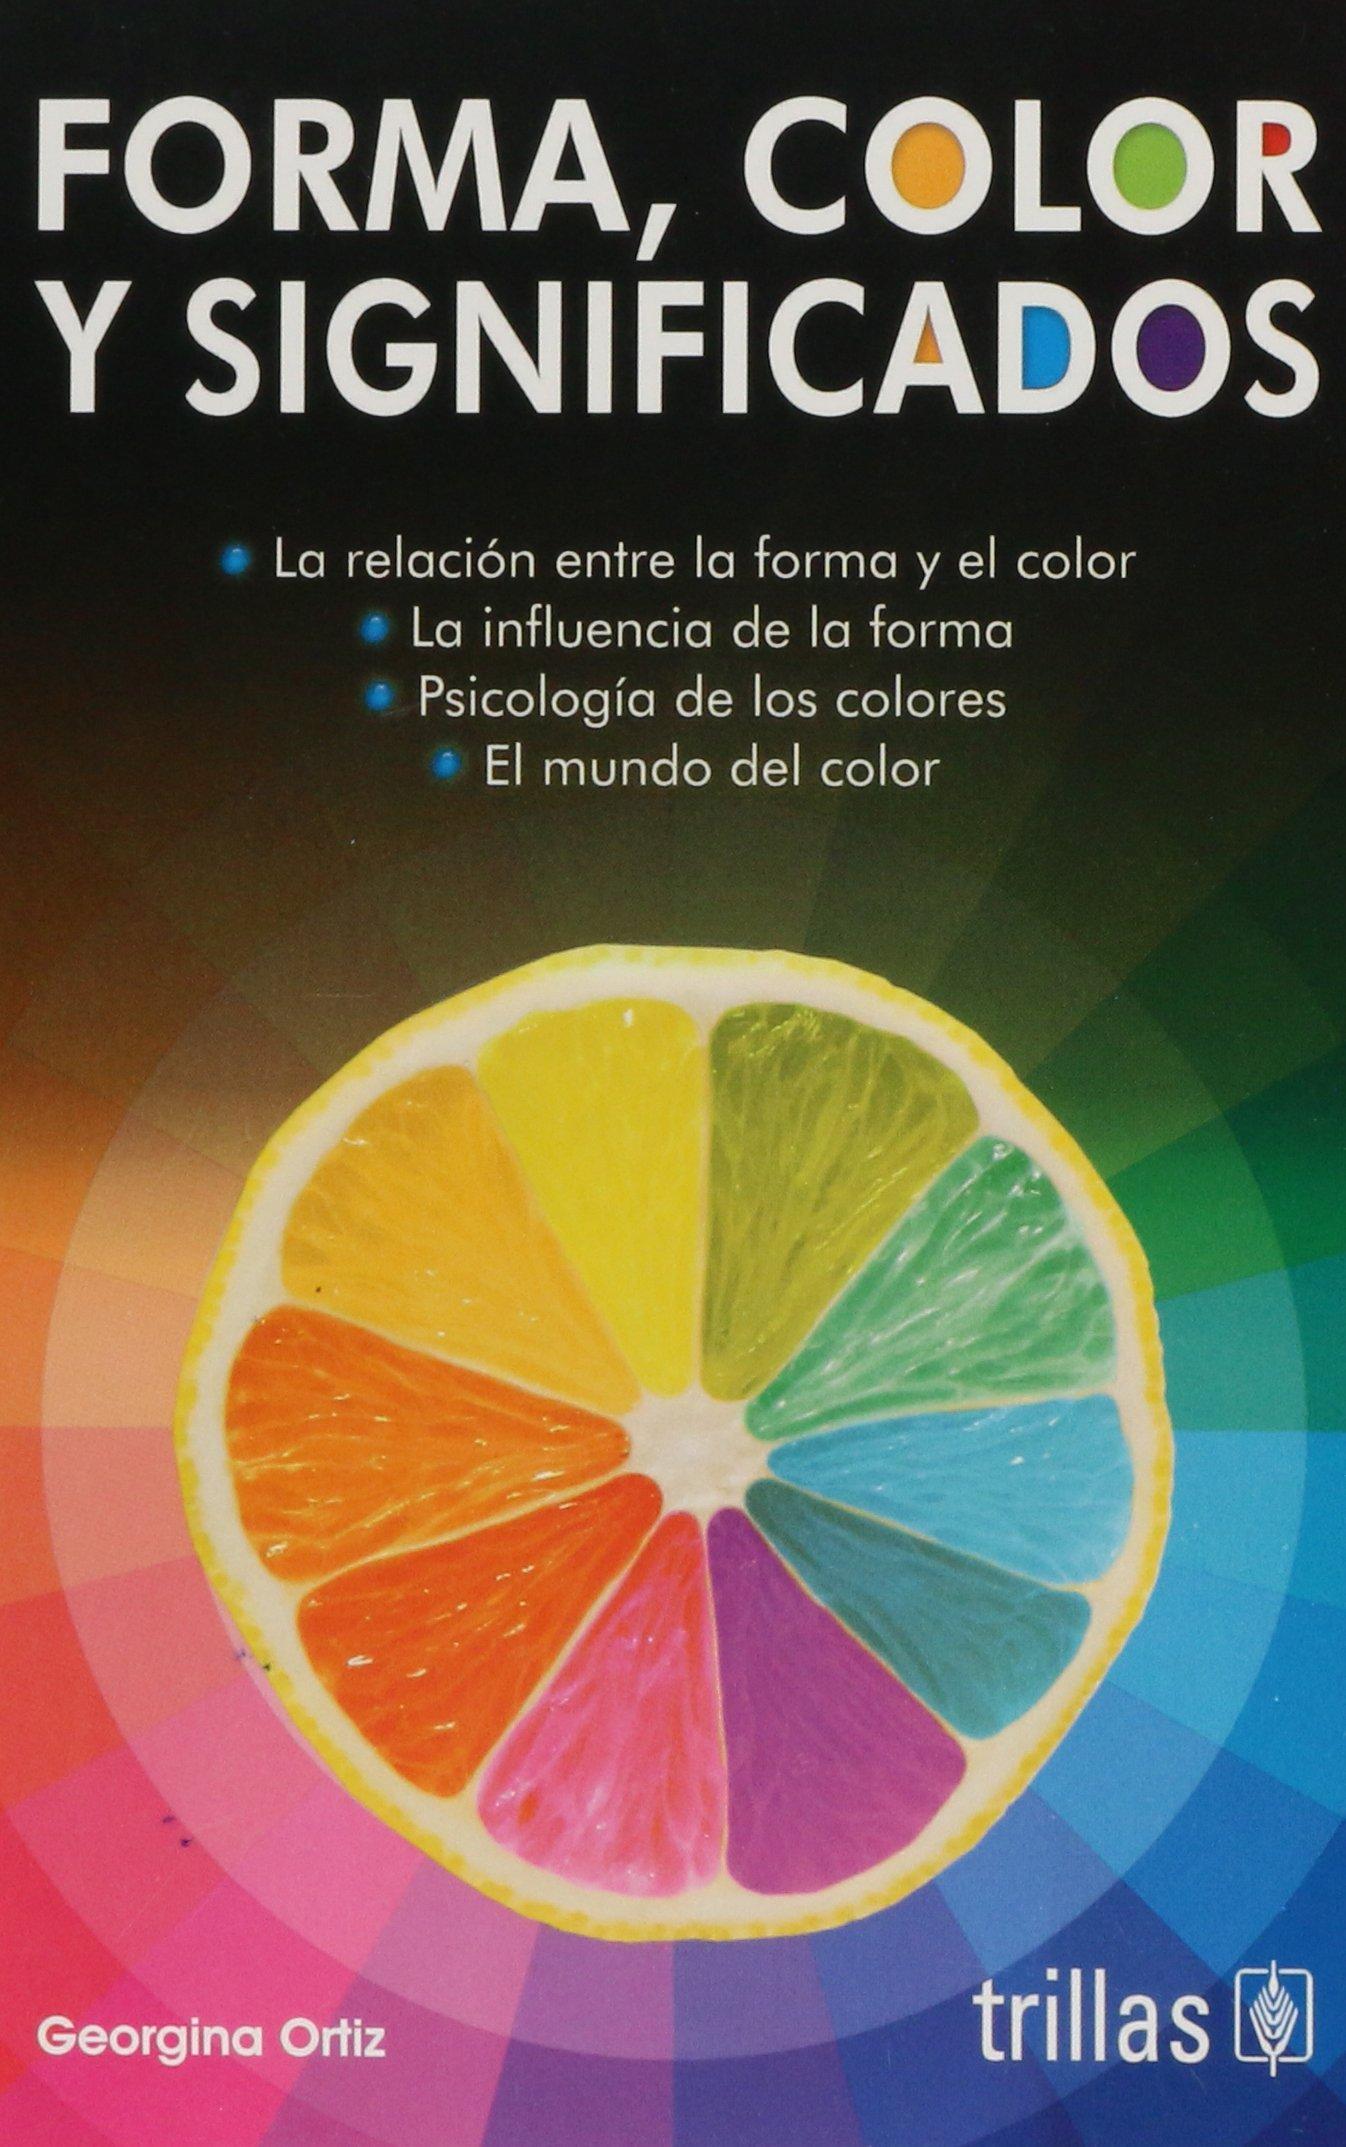 Libro del día: Forma, color y significados de Georgina Ortiz ...